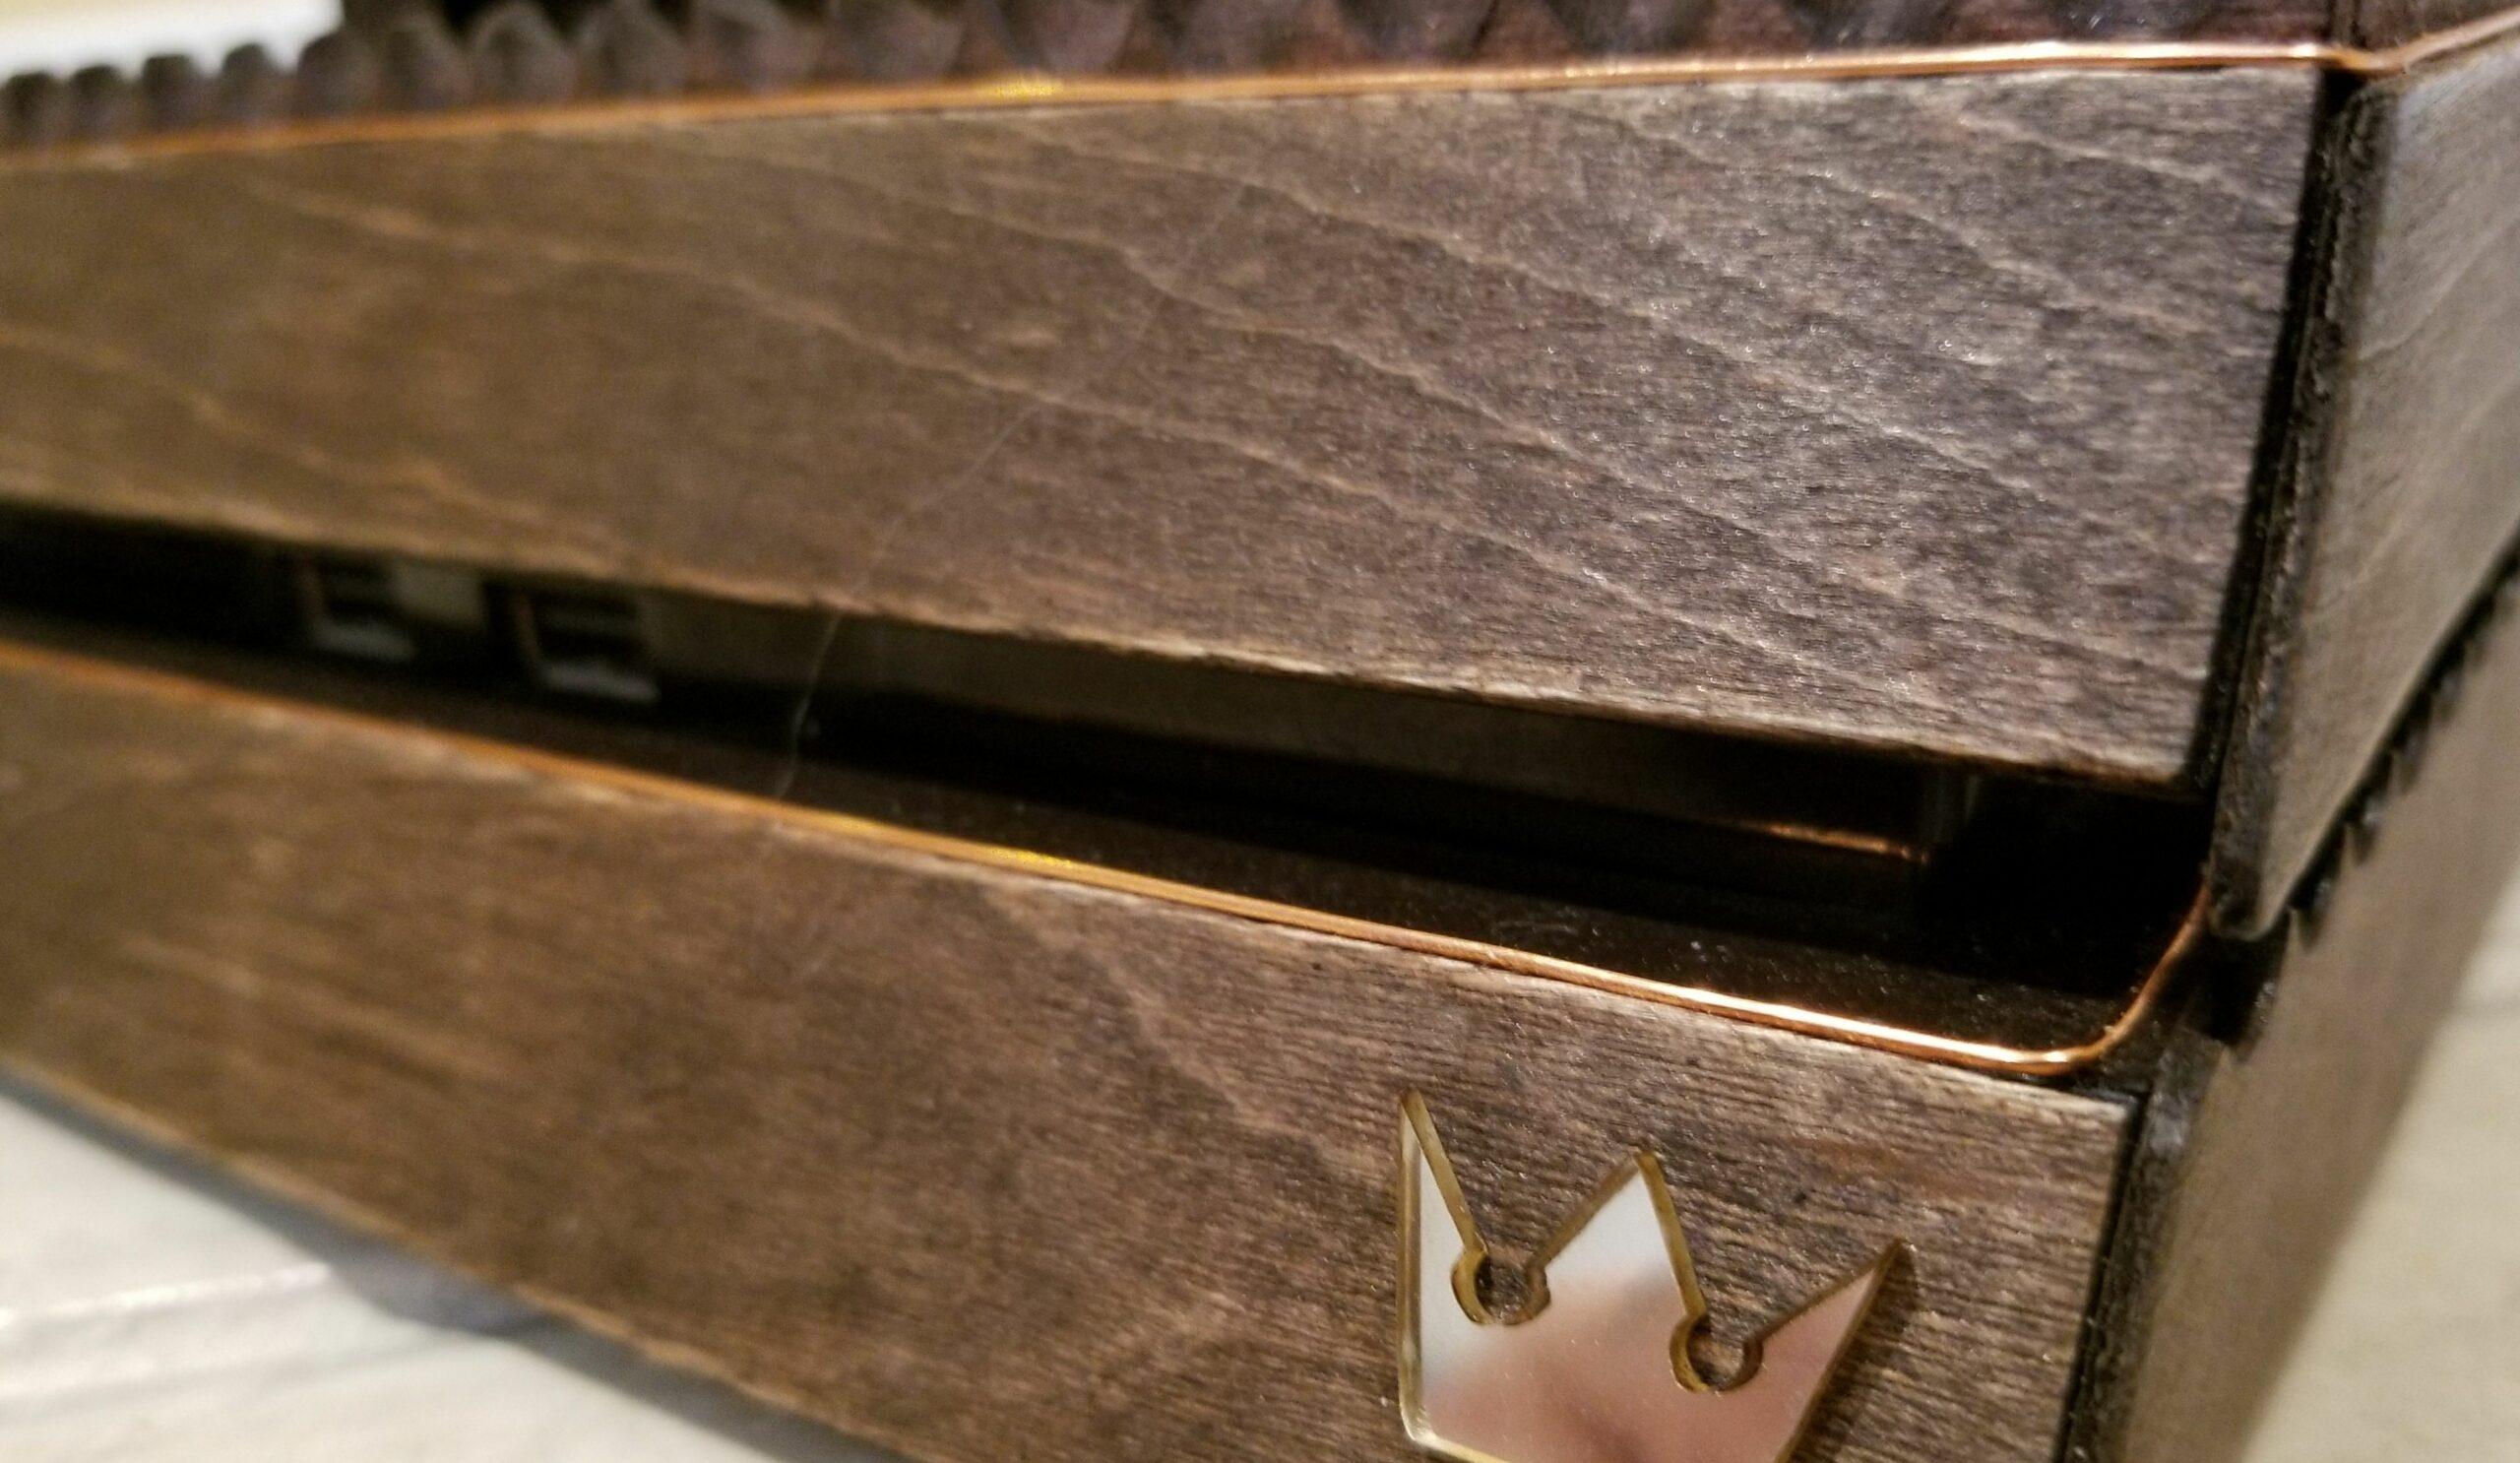 Diese PlayStation 4 bietet eine Besonderheit. (Foto: MakoMod)